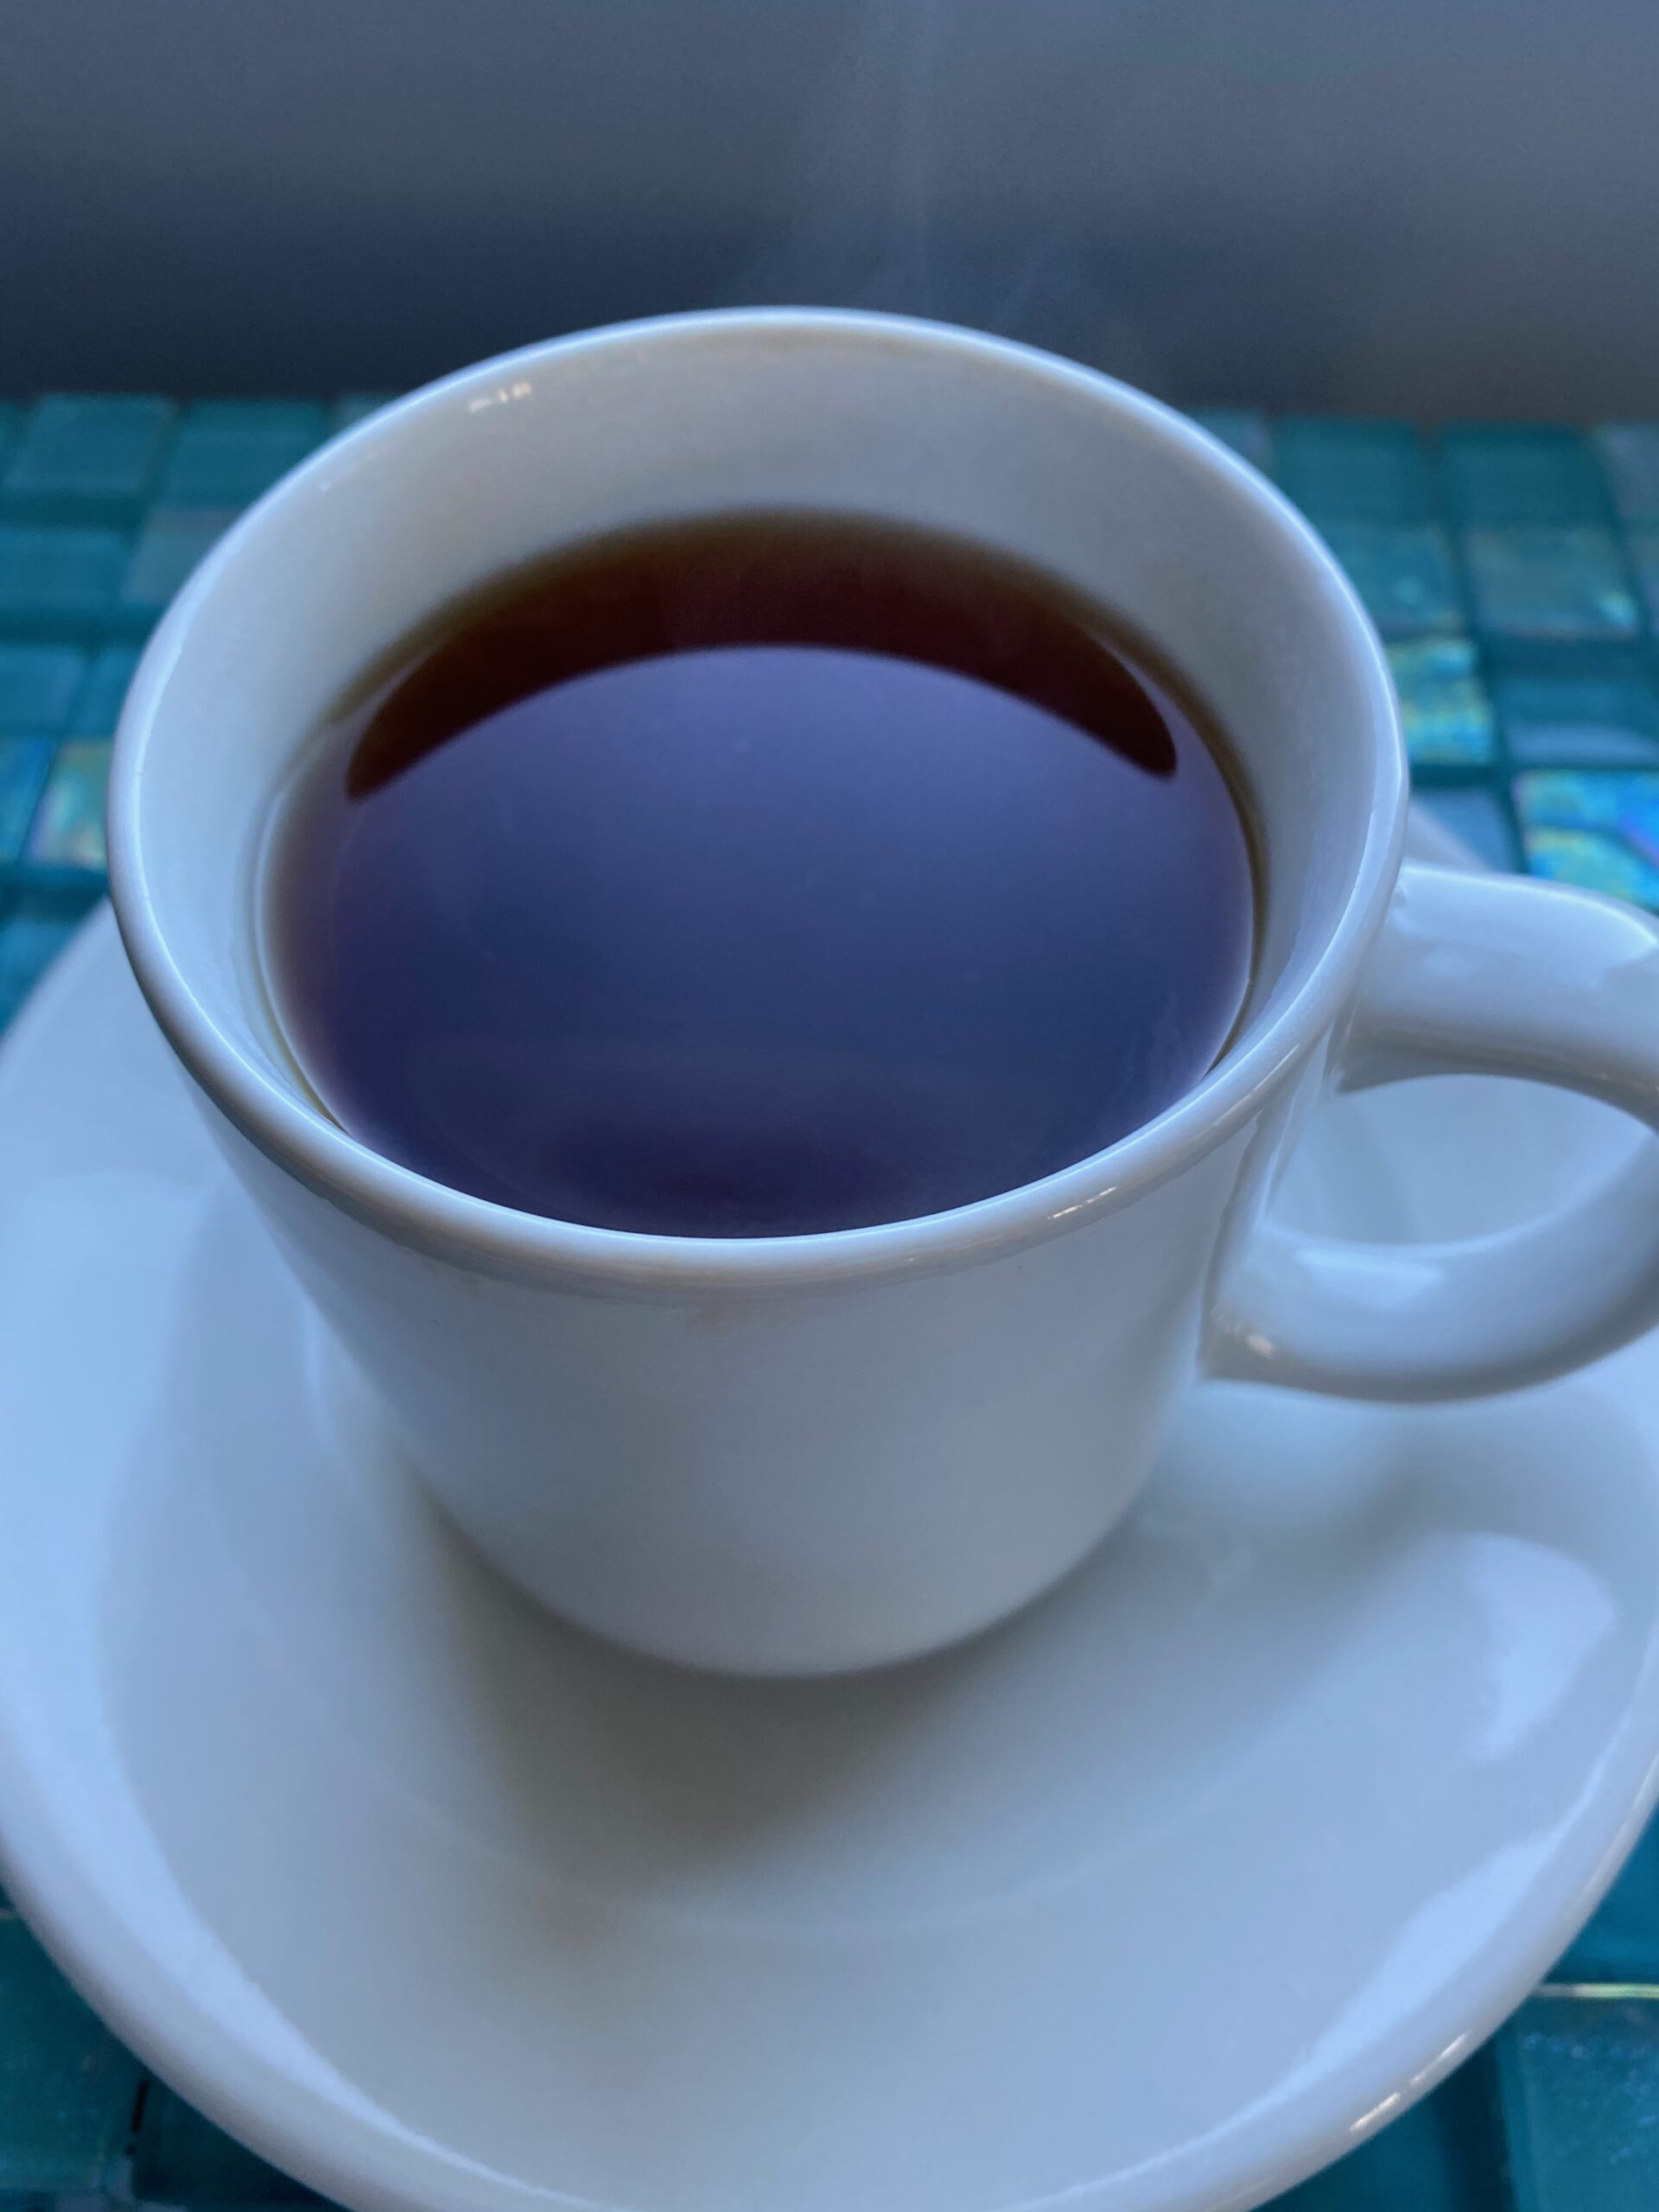 Sipology Irish Breakfast Tea